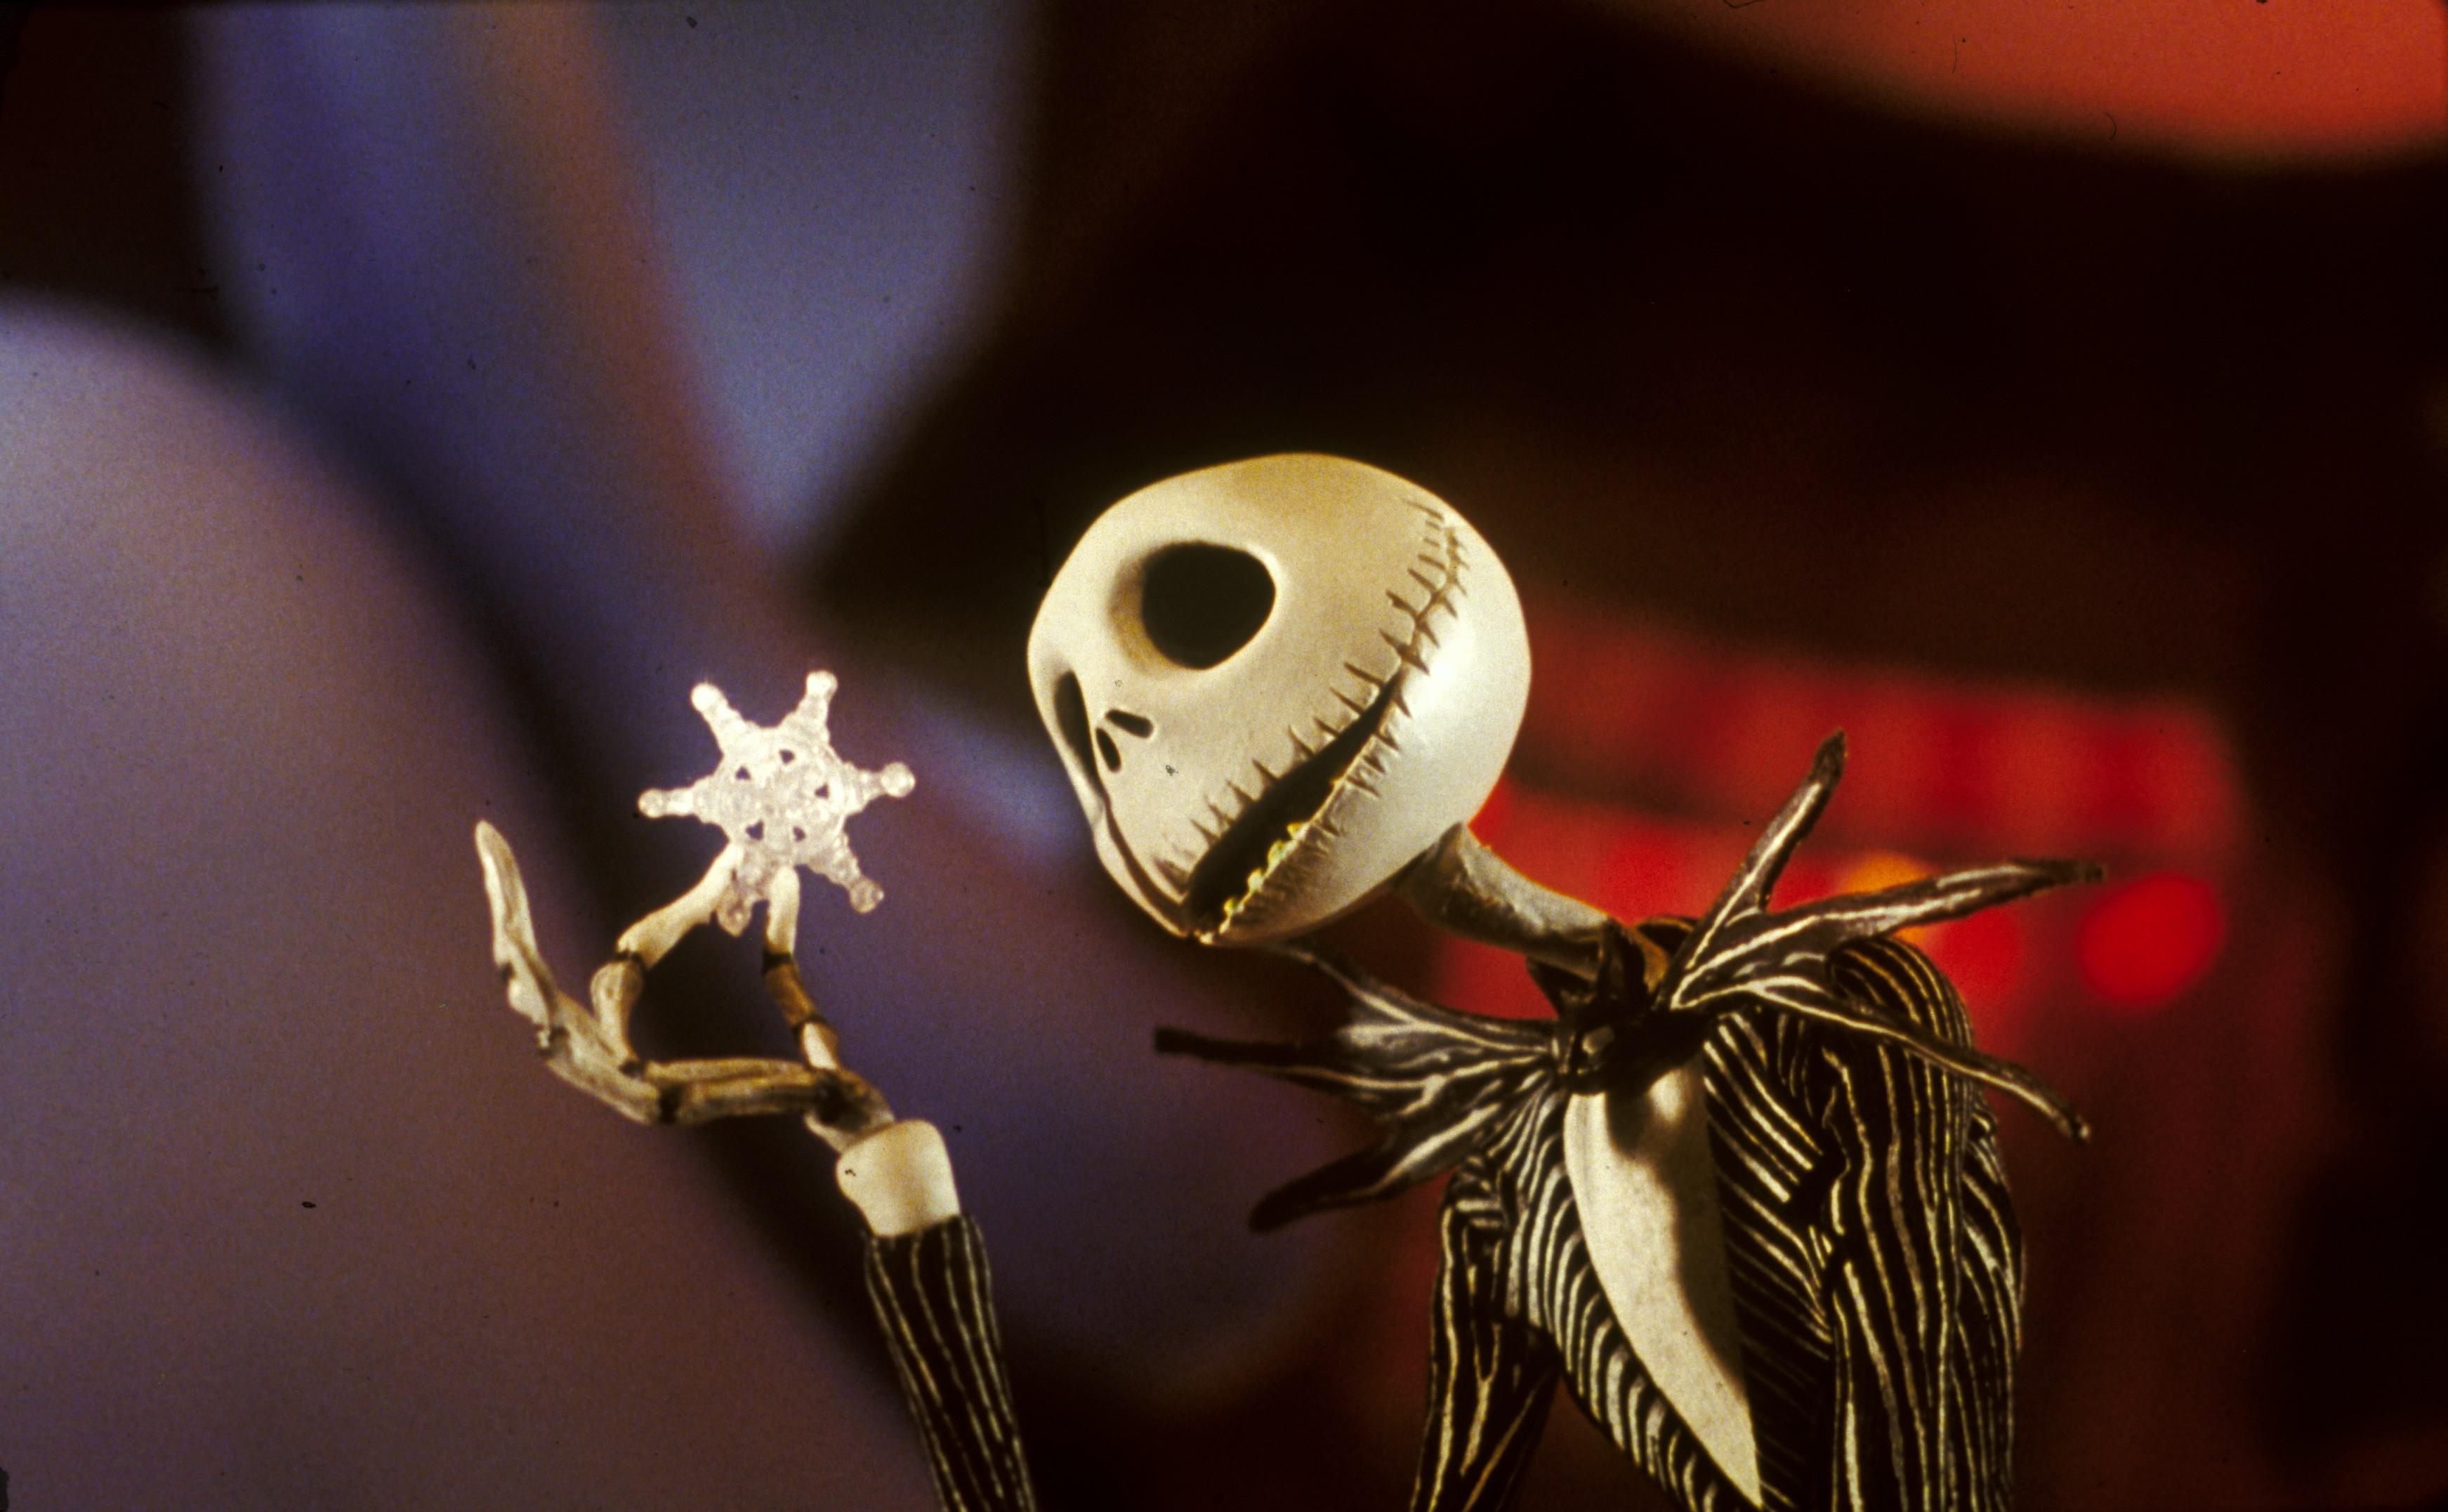 Jack Skellington Nightmare Before Christmas Wallpapers Ultra HD 3486x2153